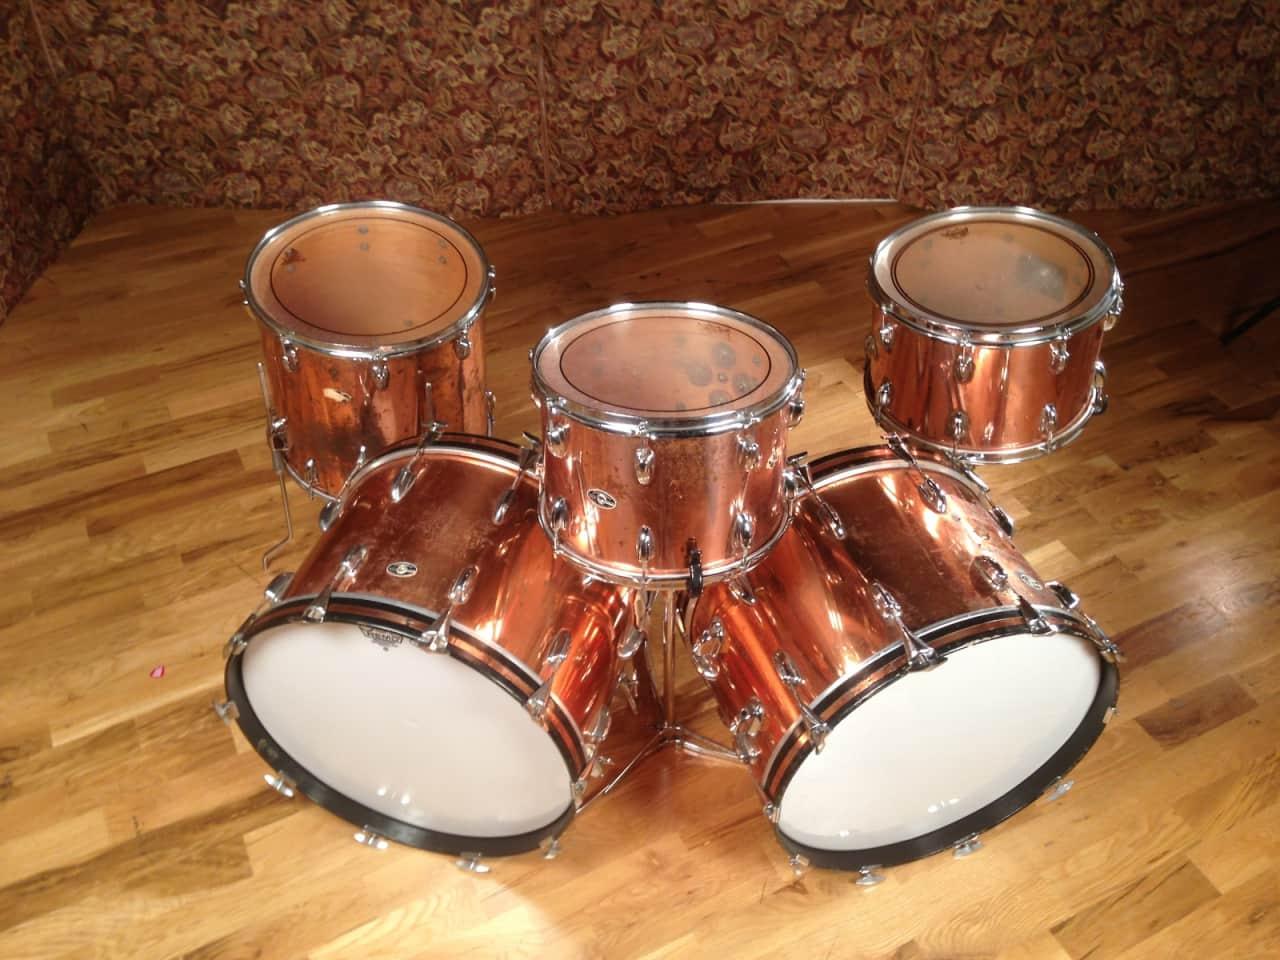 slingerland vintage copper over wood 5 piece drumkit reverb. Black Bedroom Furniture Sets. Home Design Ideas